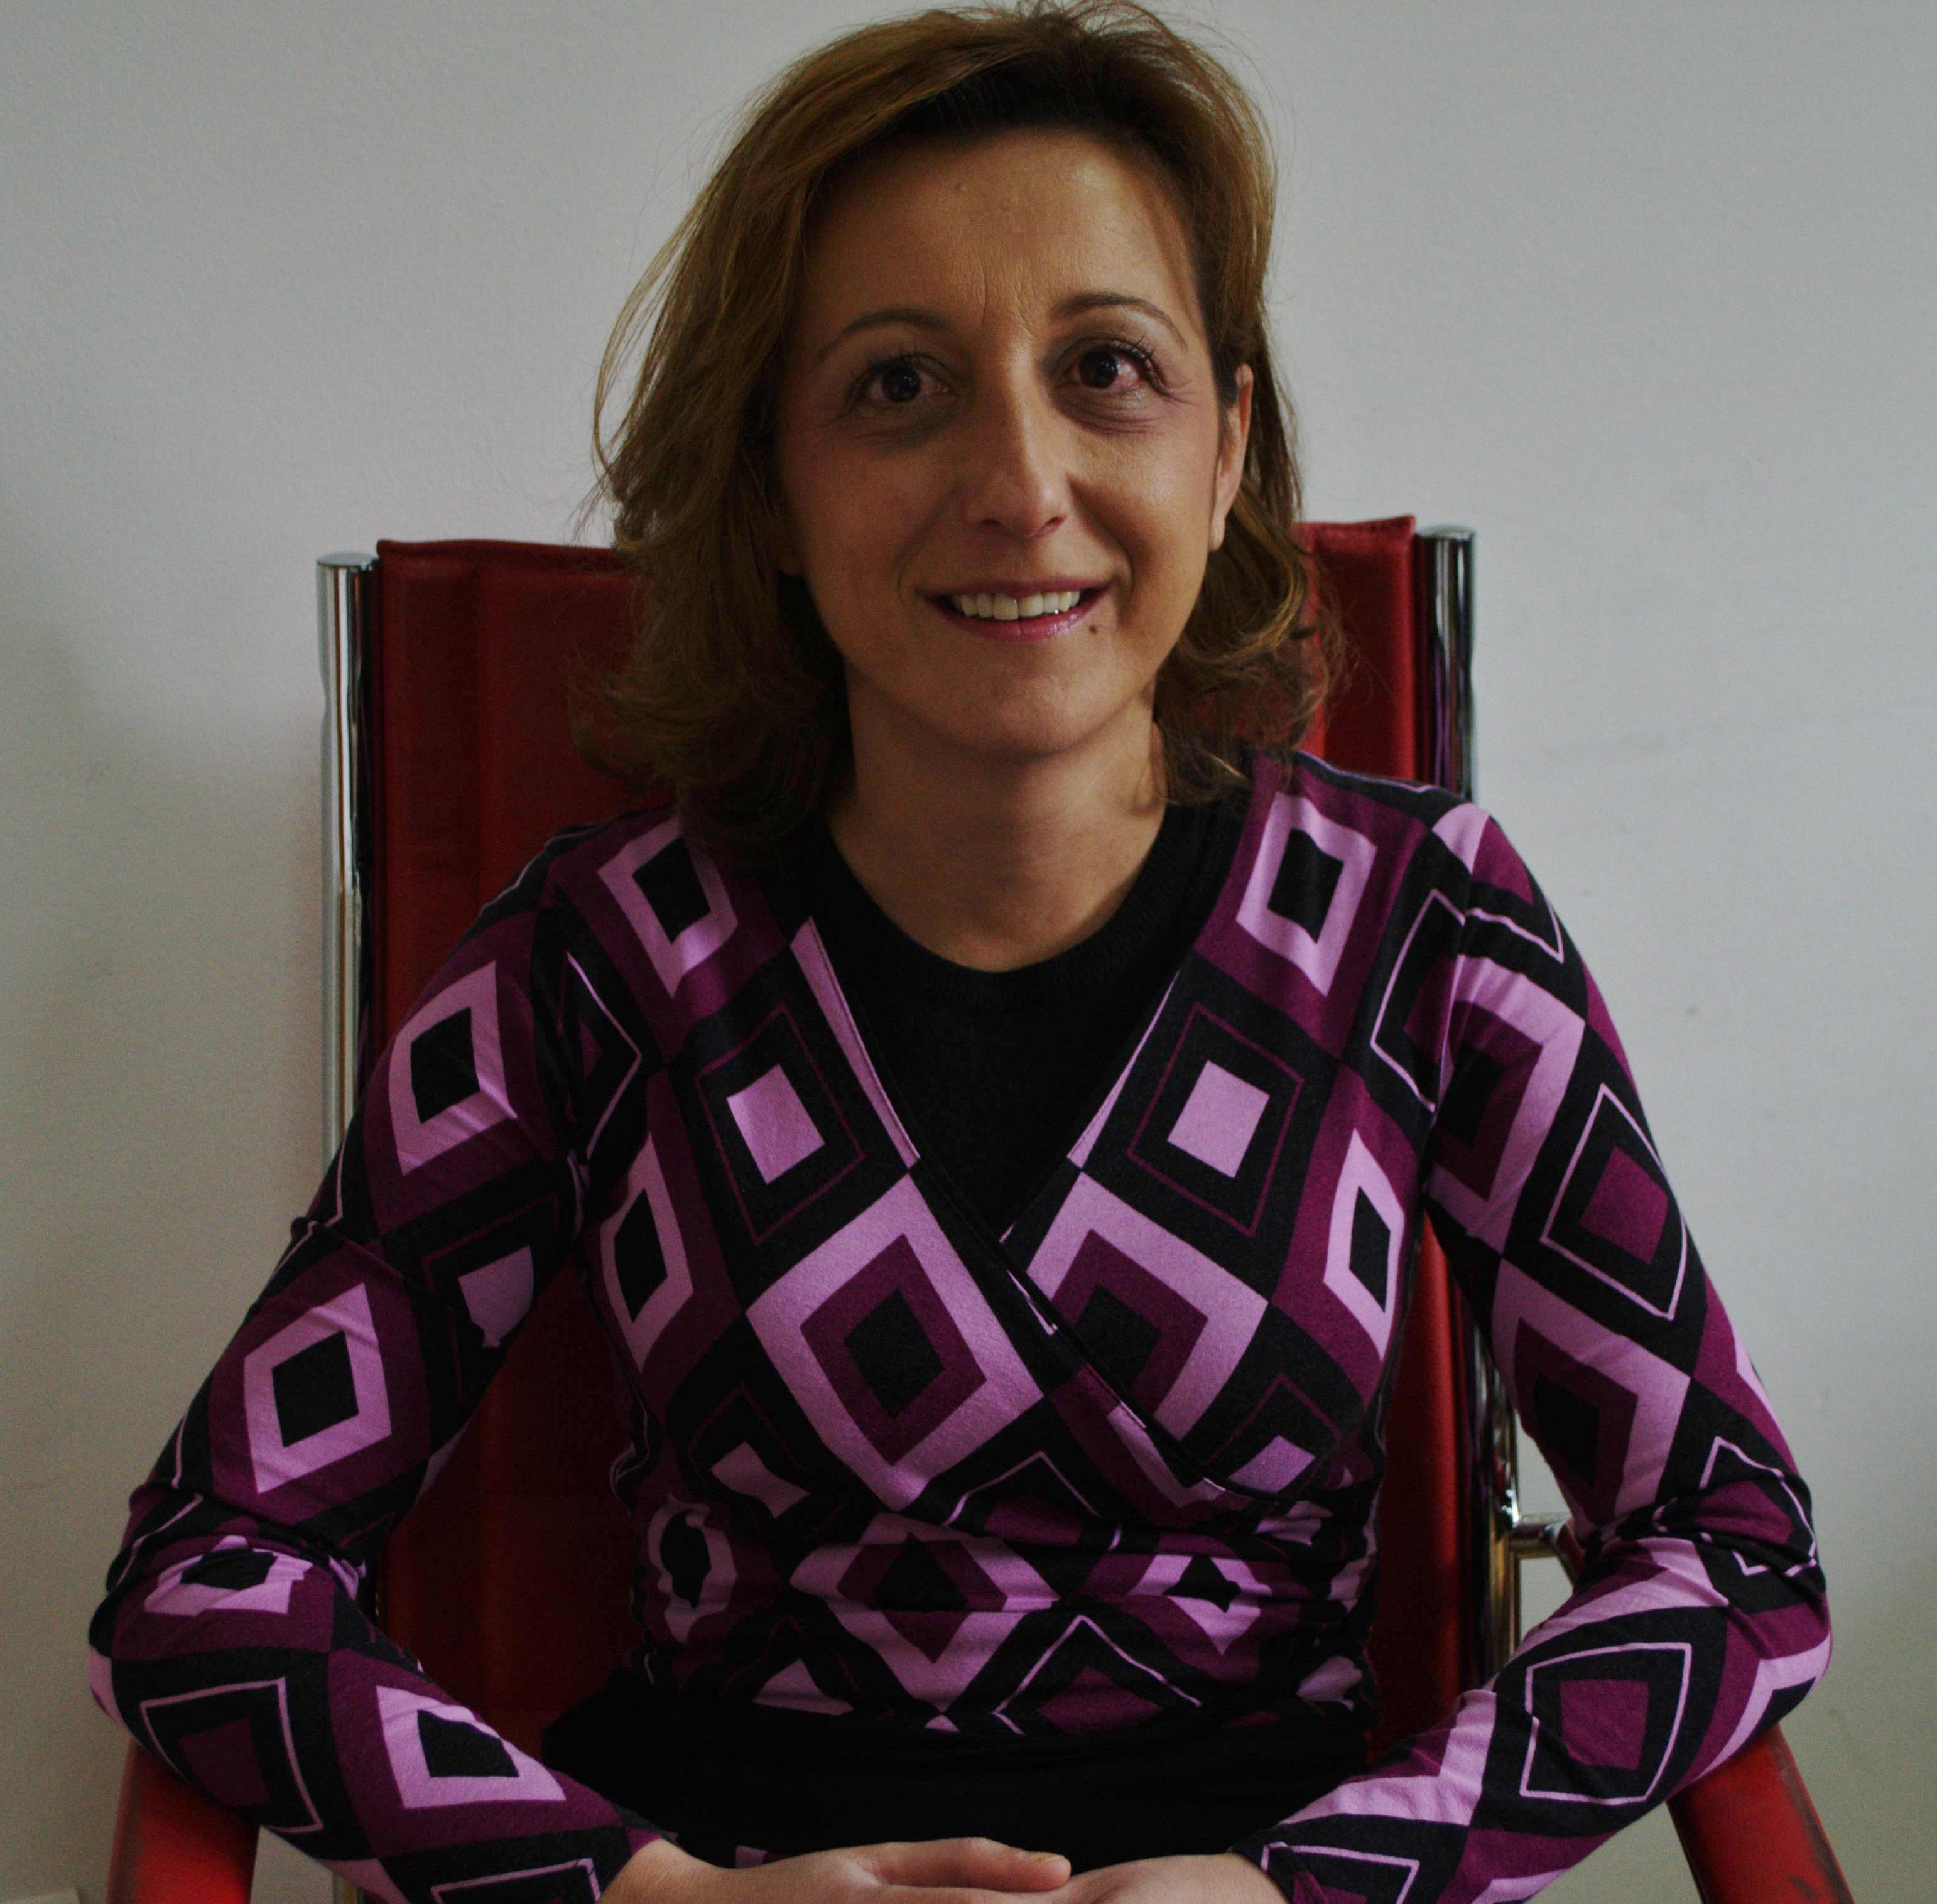 Marica Čelebić